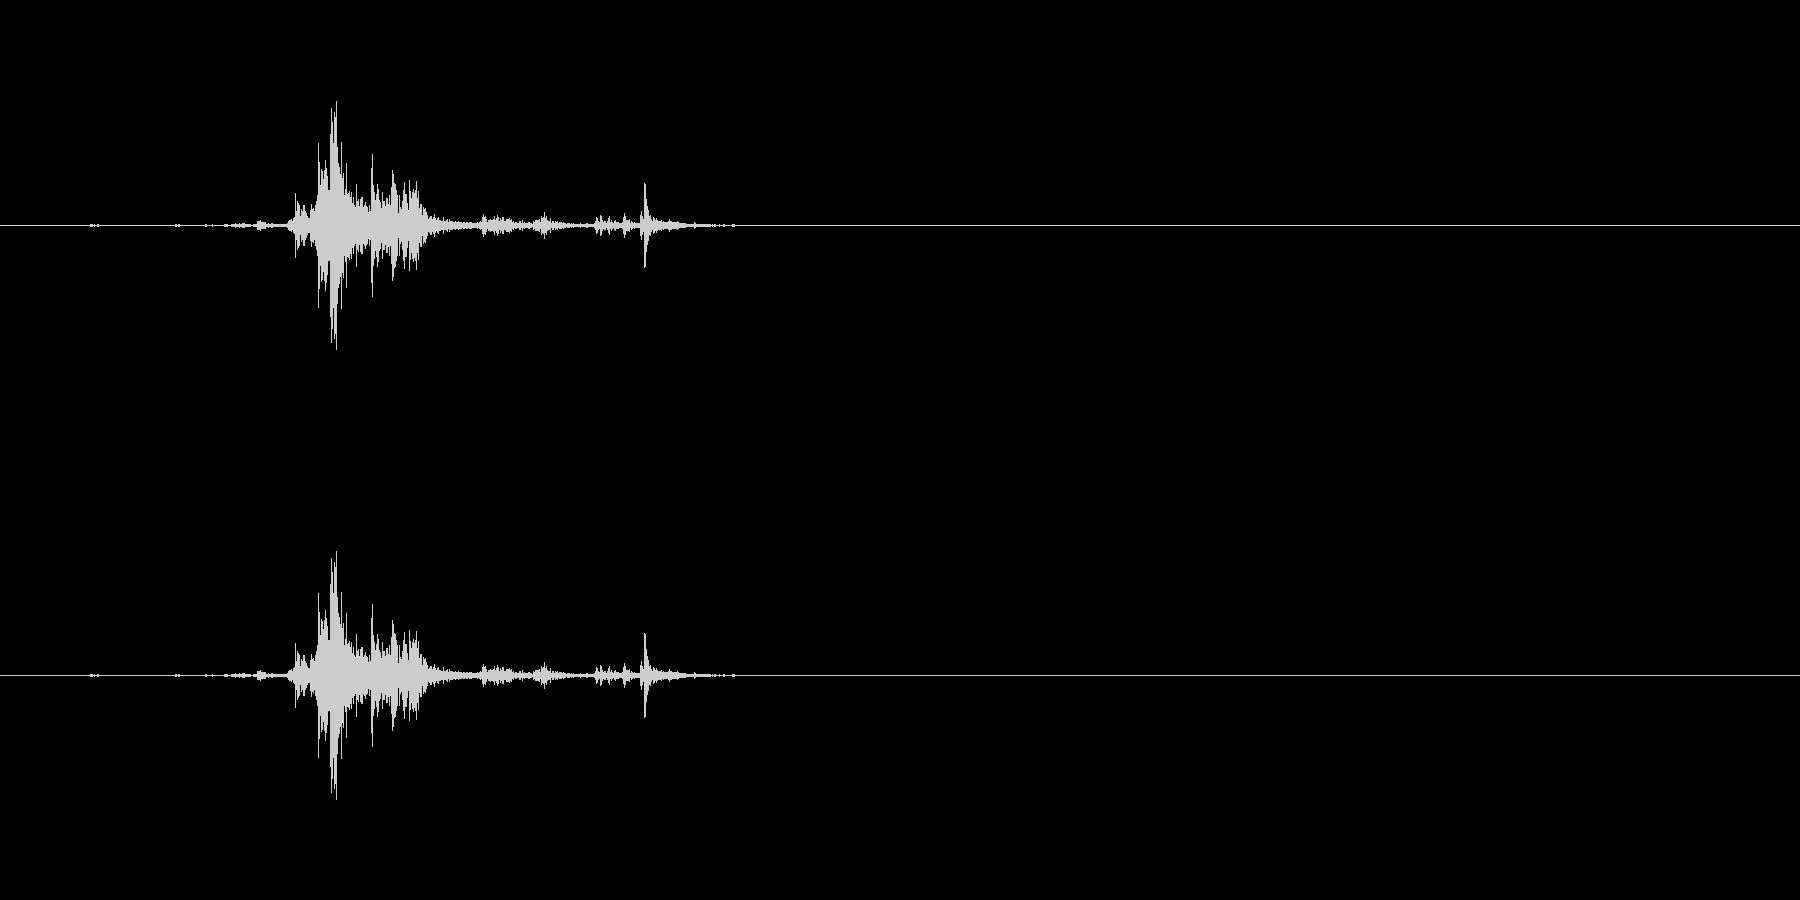 【筆箱01-2(開ける)】の未再生の波形